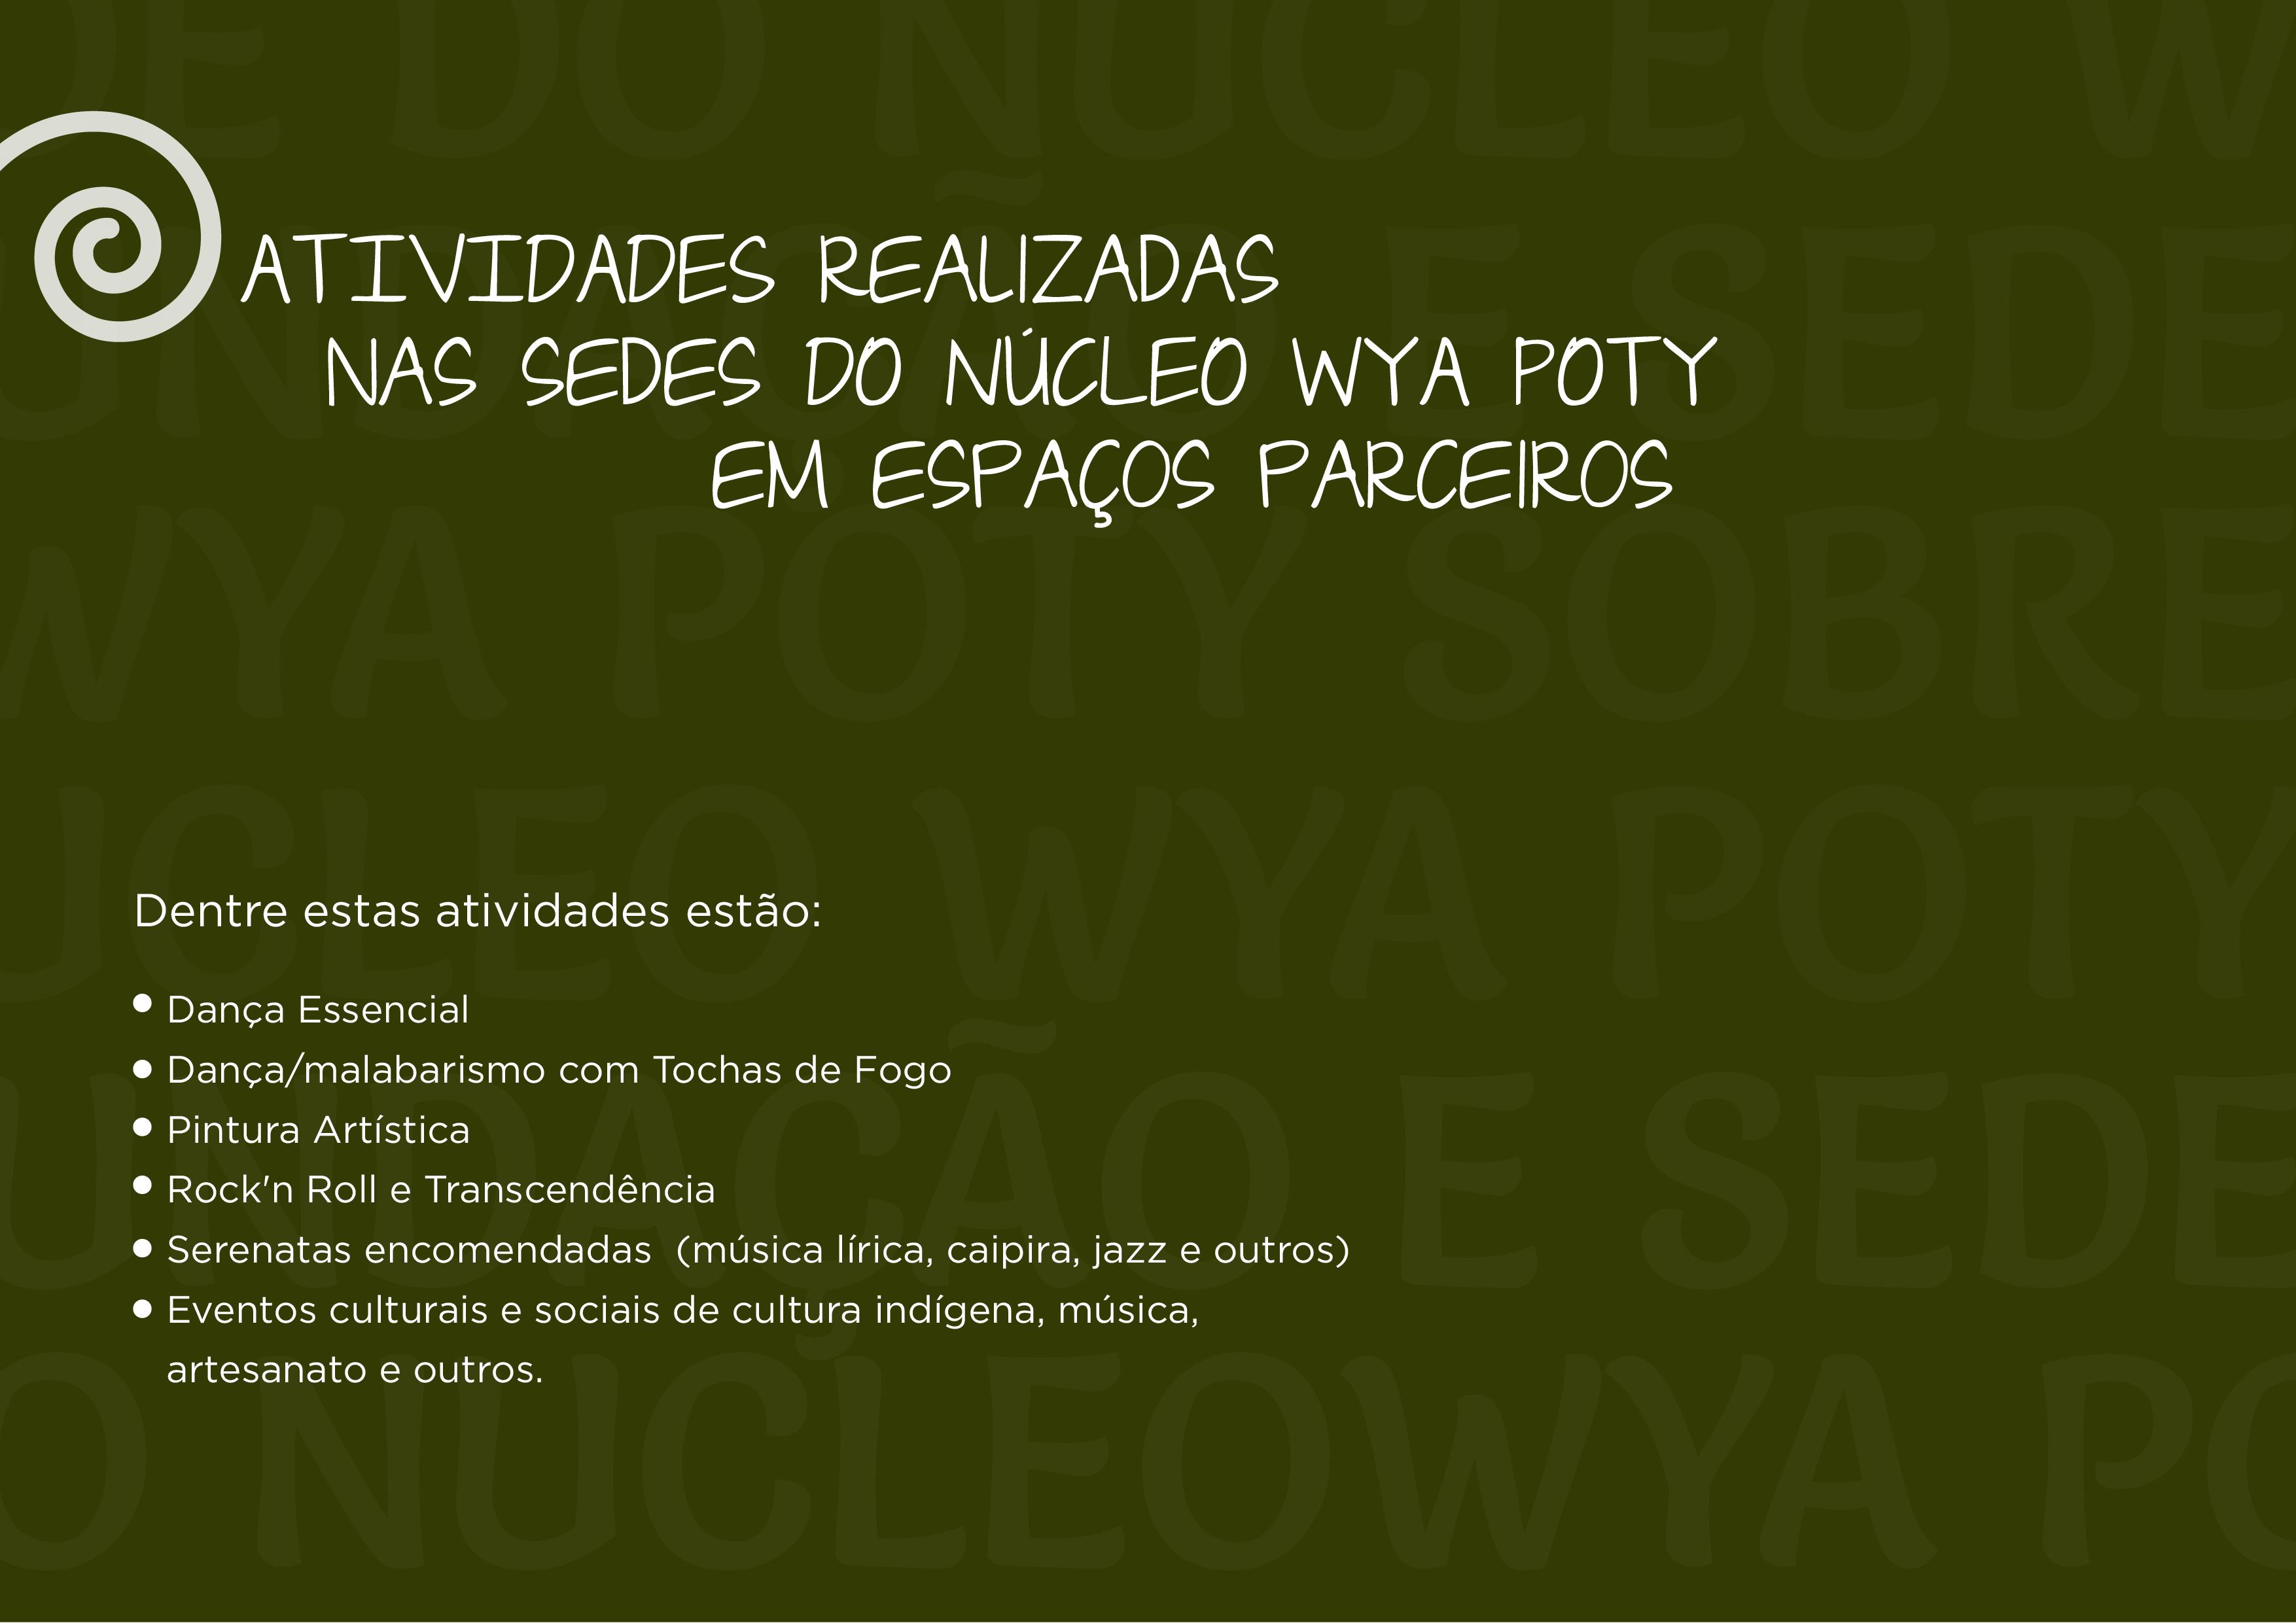 Portifolio NWP - entrega 22.11 _Prancheta 1 cópia 12